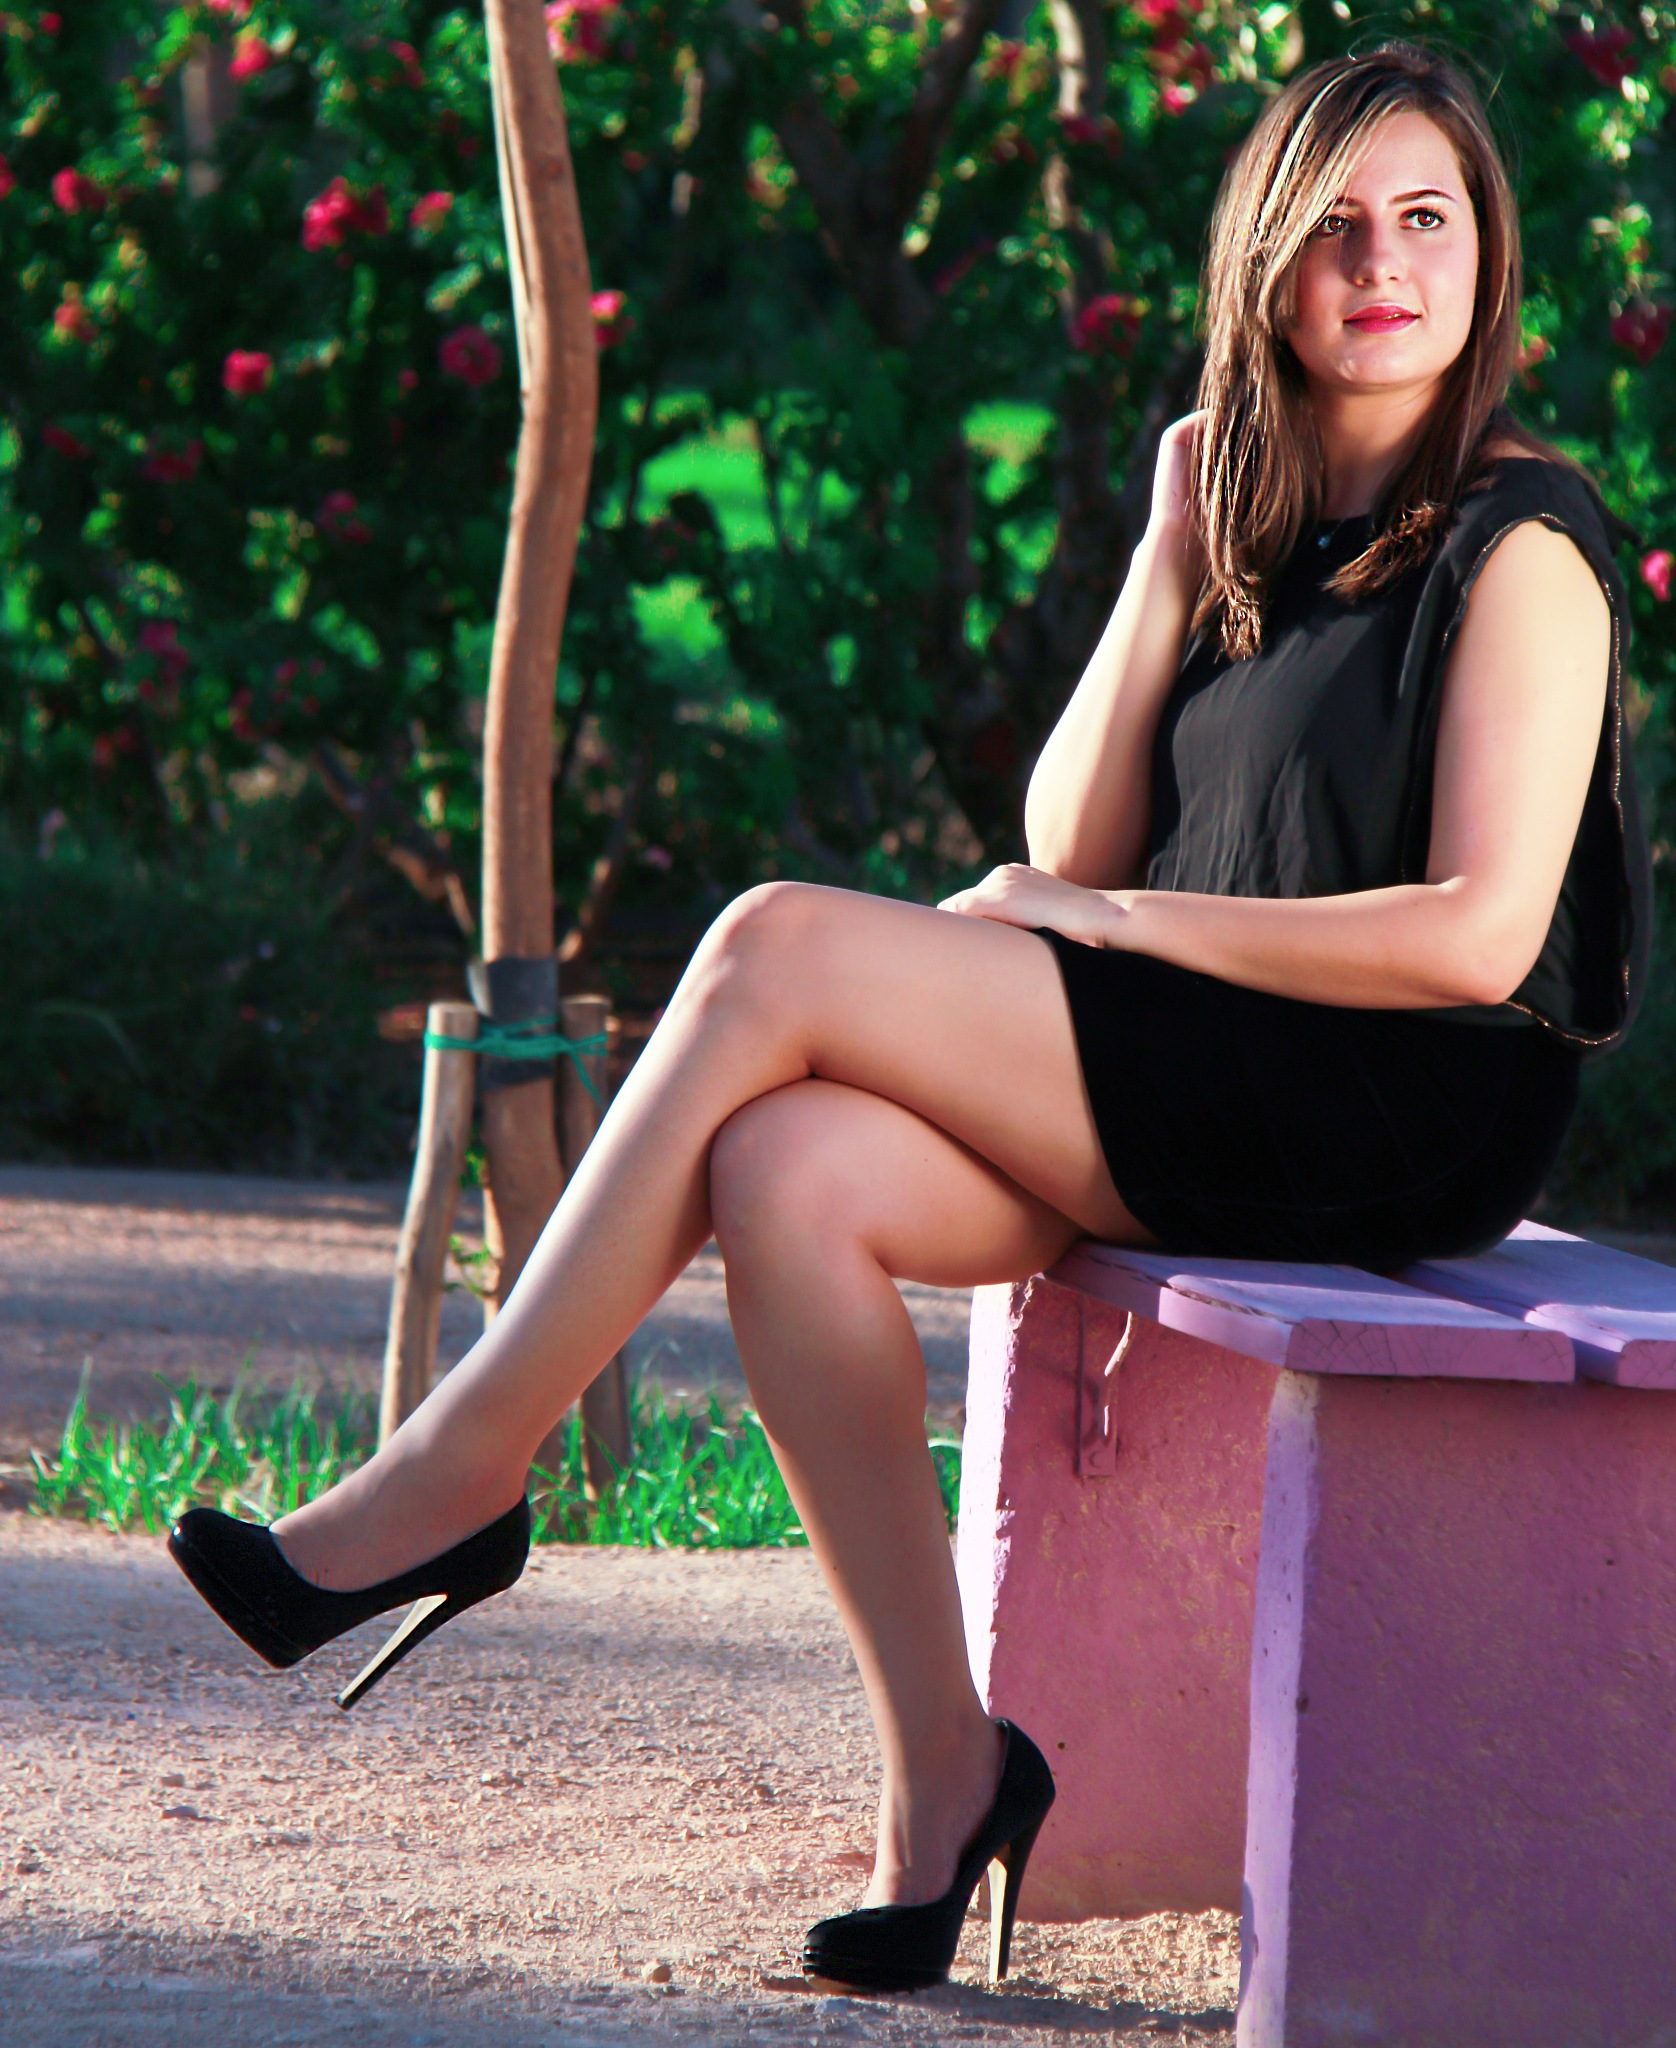 Cute girl by Nourdin Mirad